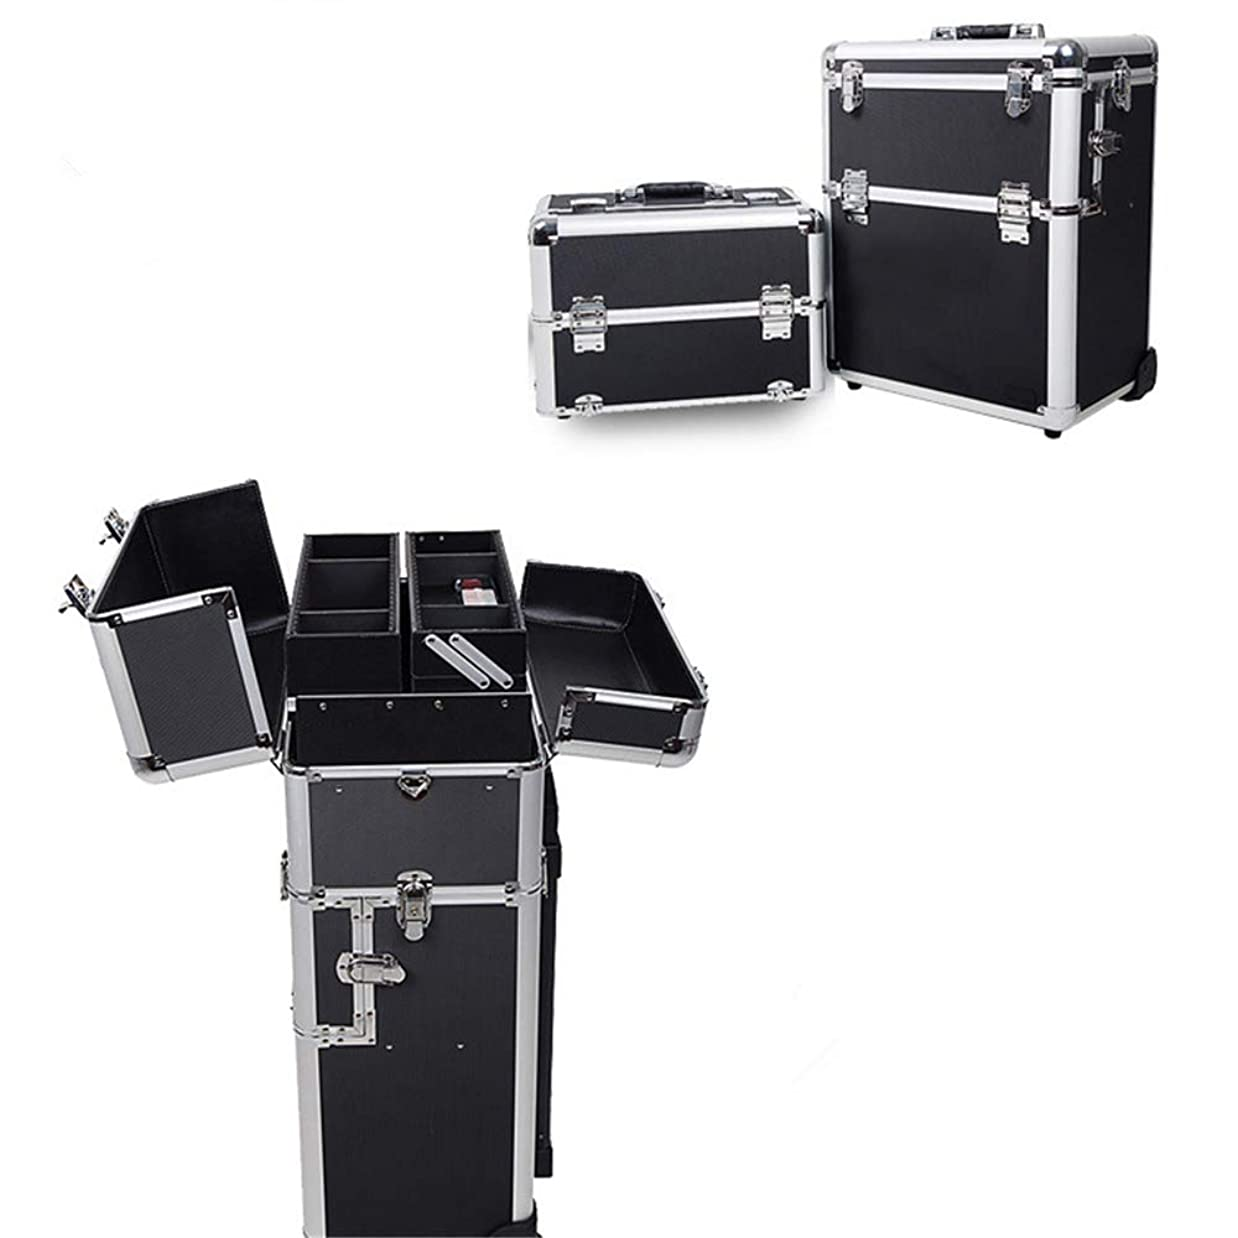 裁量インデックスマダム化粧オーガナイザーバッグ 旅行メイクバッグ3層スーツケースメイク化粧品バッグポータブルトイレタージュ化粧ケース 化粧品ケース